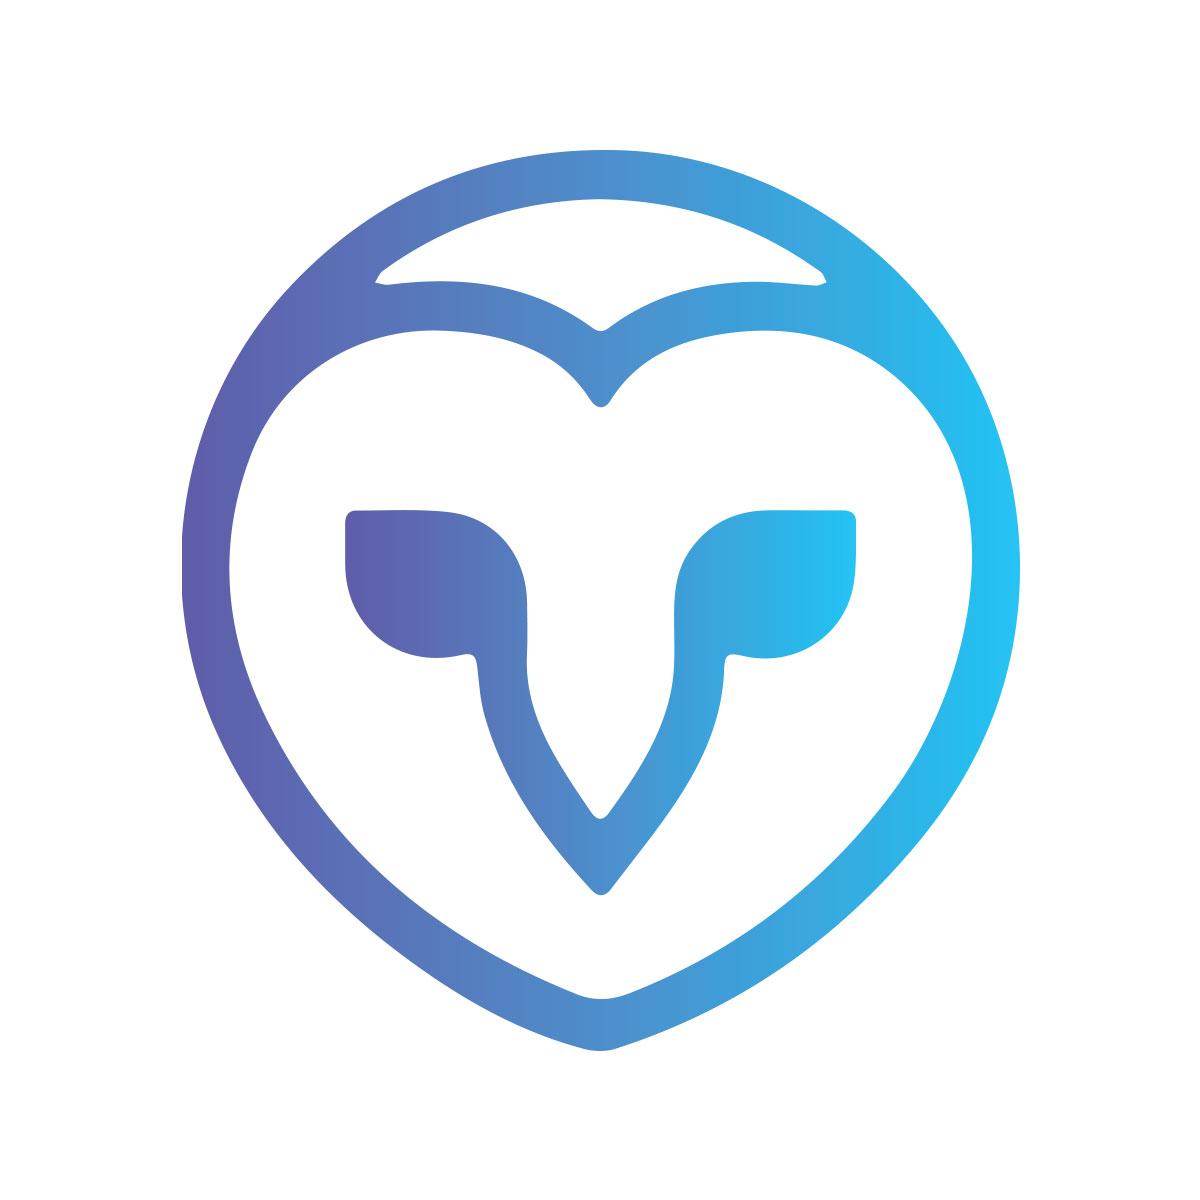 Owlist Logo Concept